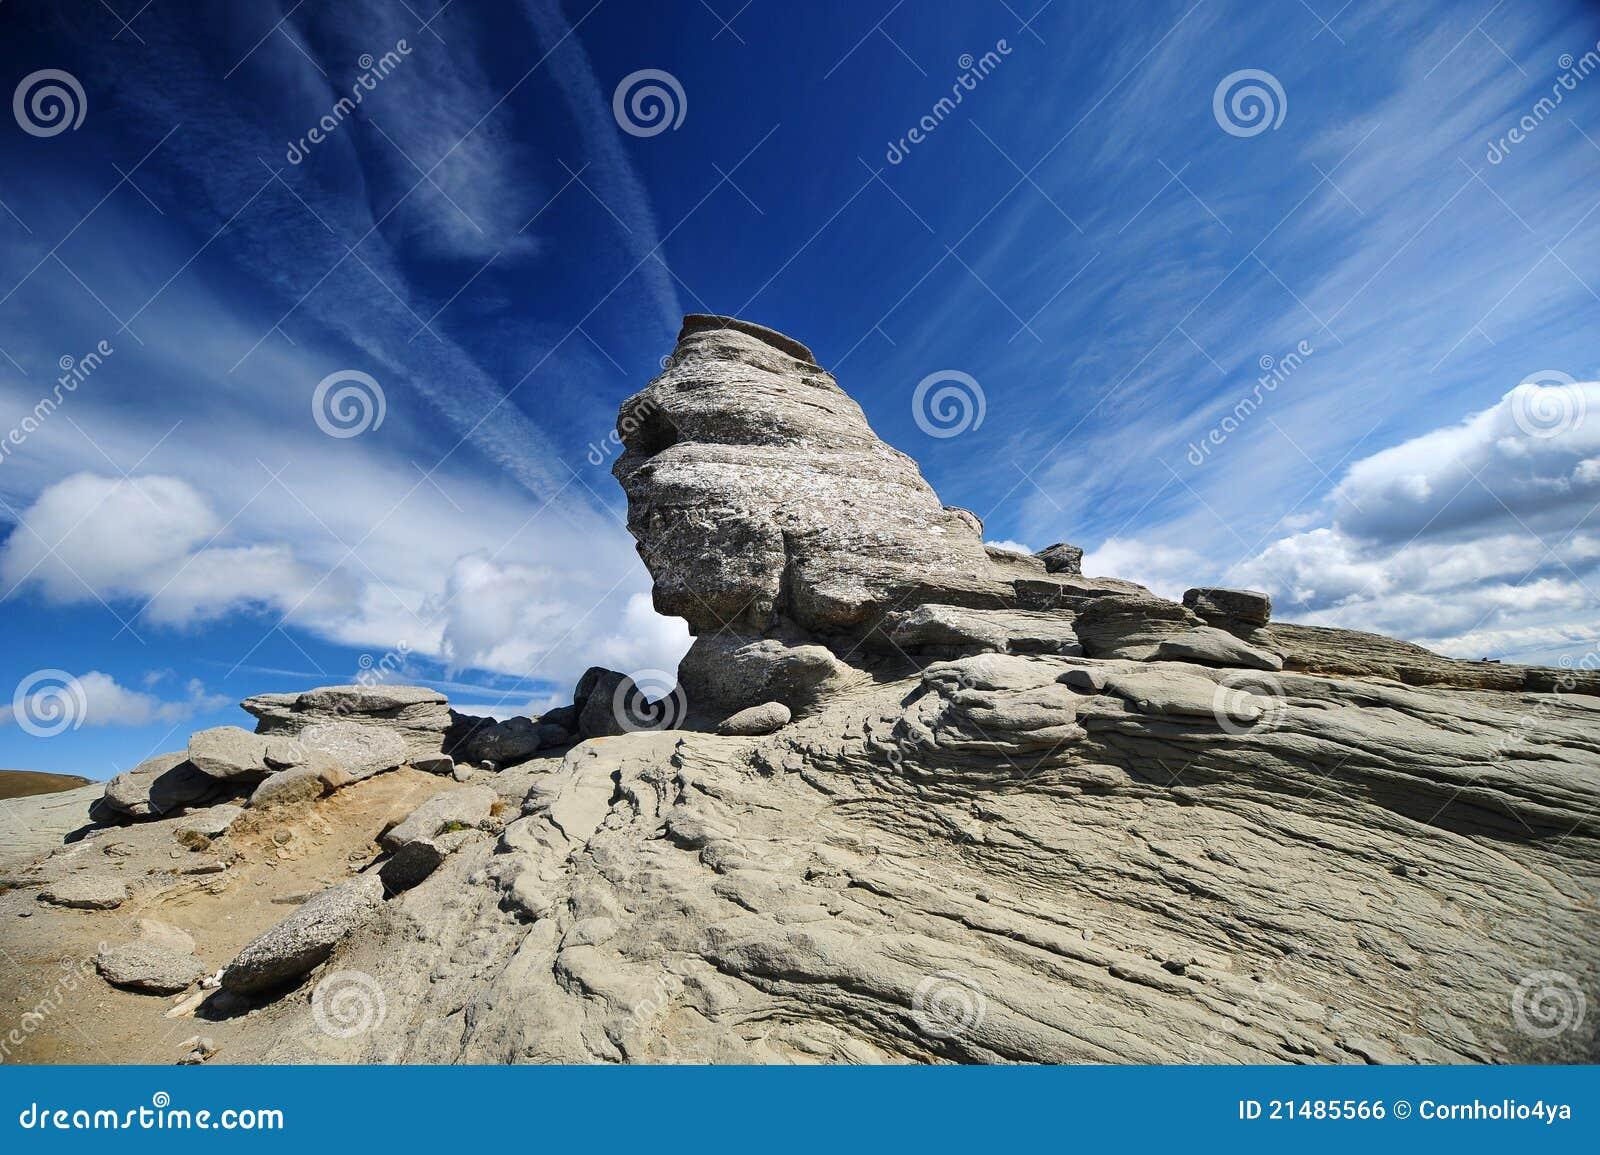 Sphinx of Bucegi in Romania